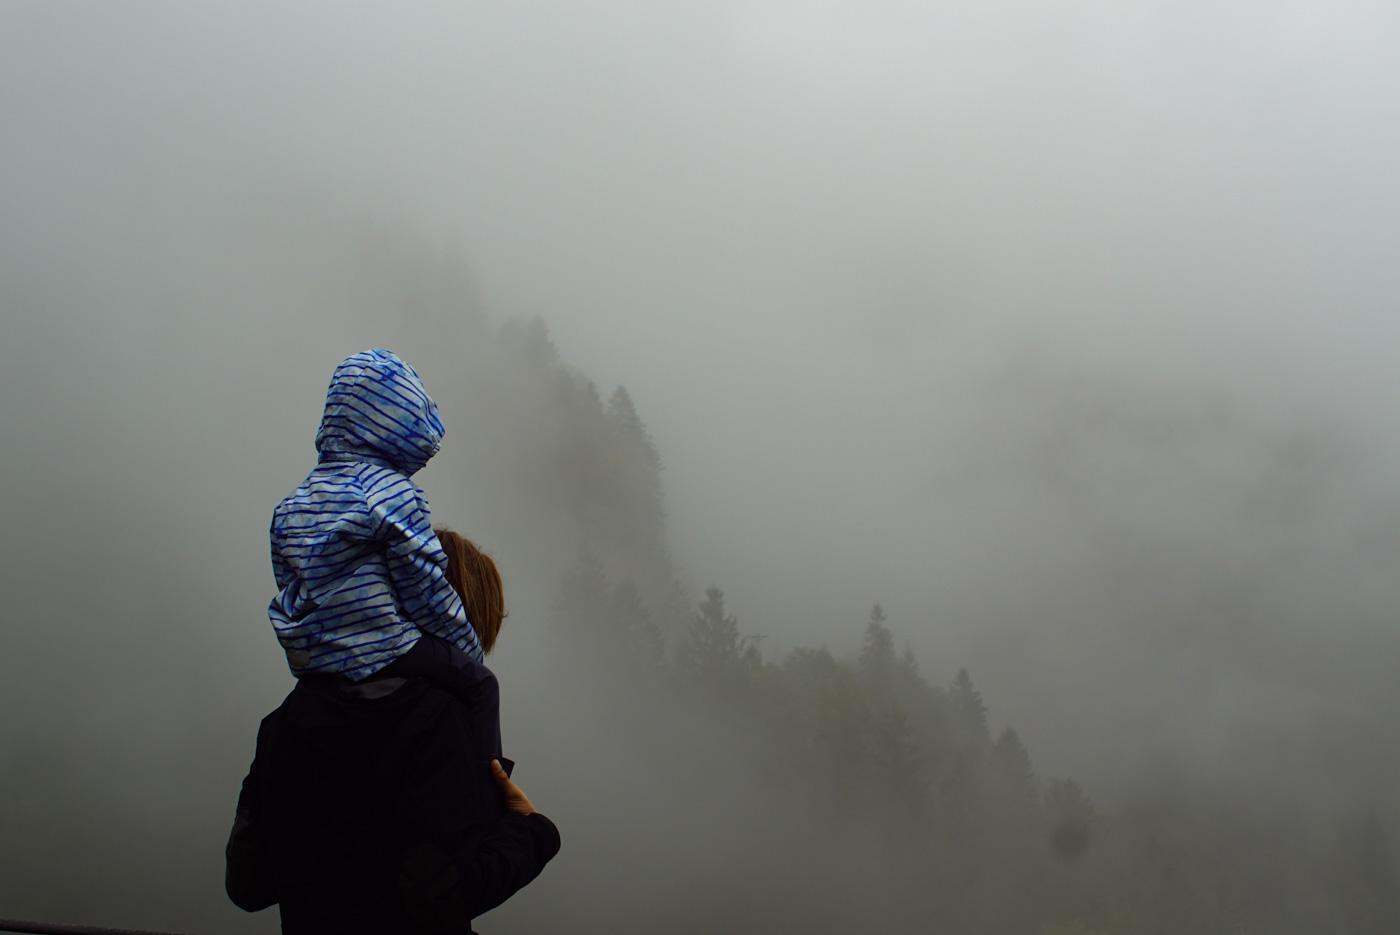 Paul trägt Luk auf den Schultern und beide haben Regenjacken an. Der Hintergrund ist sehr neblig es zeichnet sich aber ein ein mit Bäumen bestandener Berghang durch die Wolken ab.